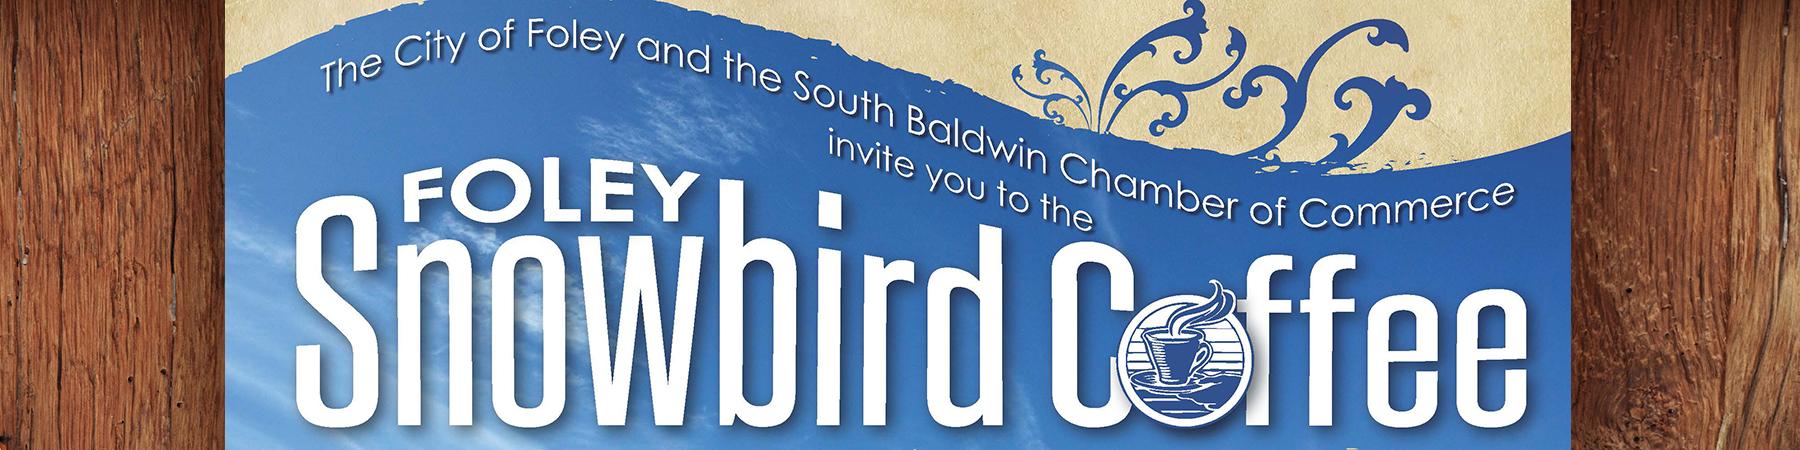 Foley Snowbird Welcome Coffee